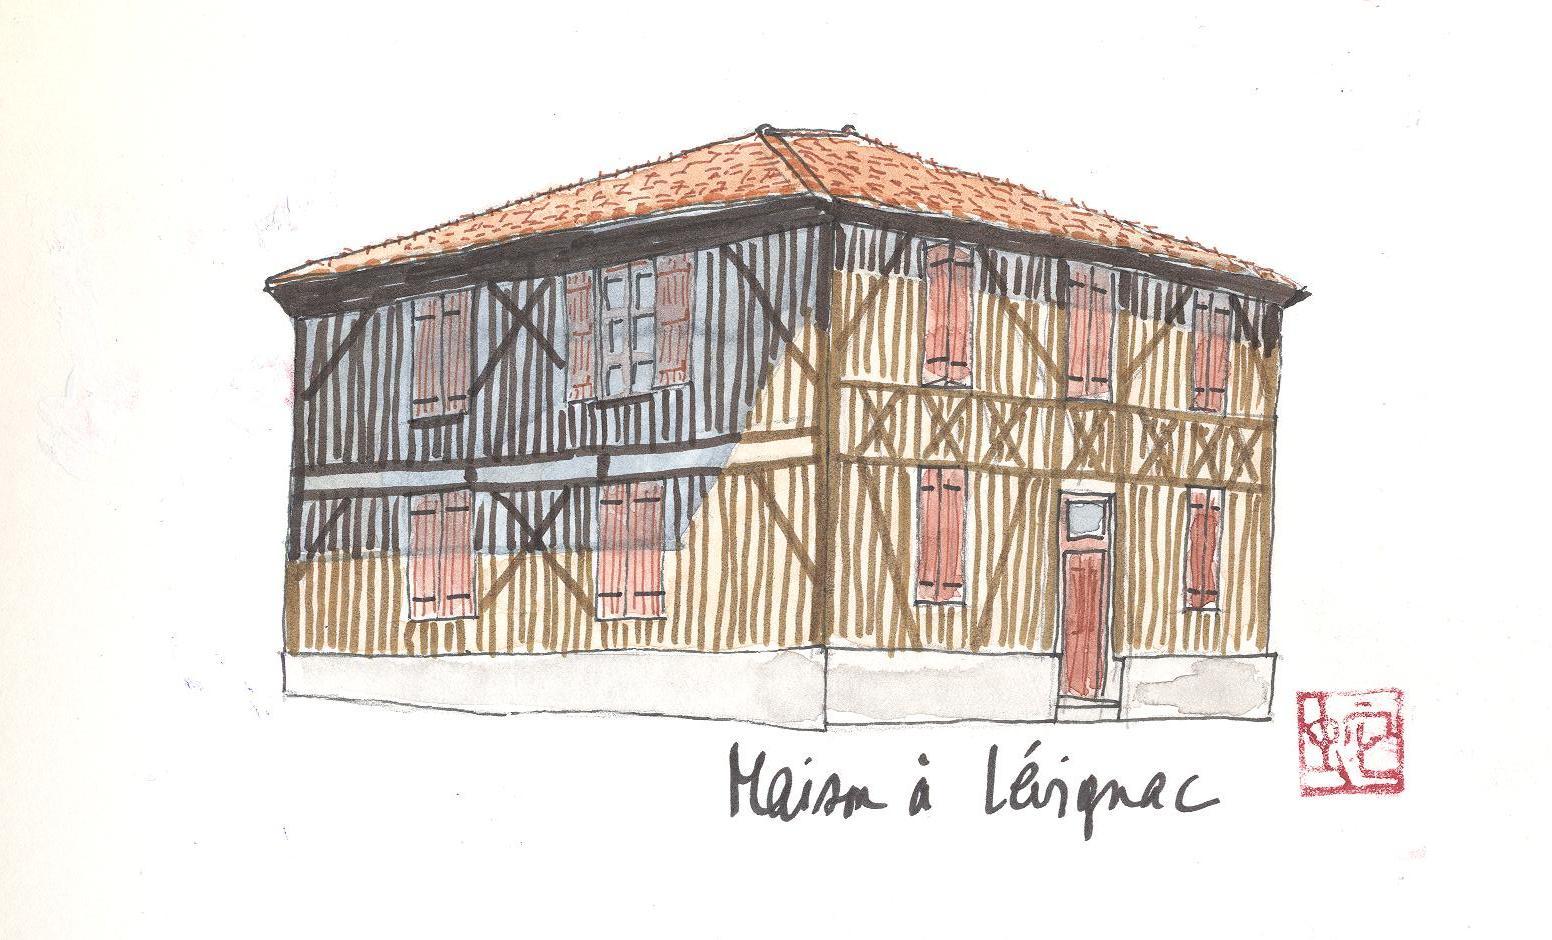 Fichier aquarelle d 39 une maison landaise typique for Aquarelle maison